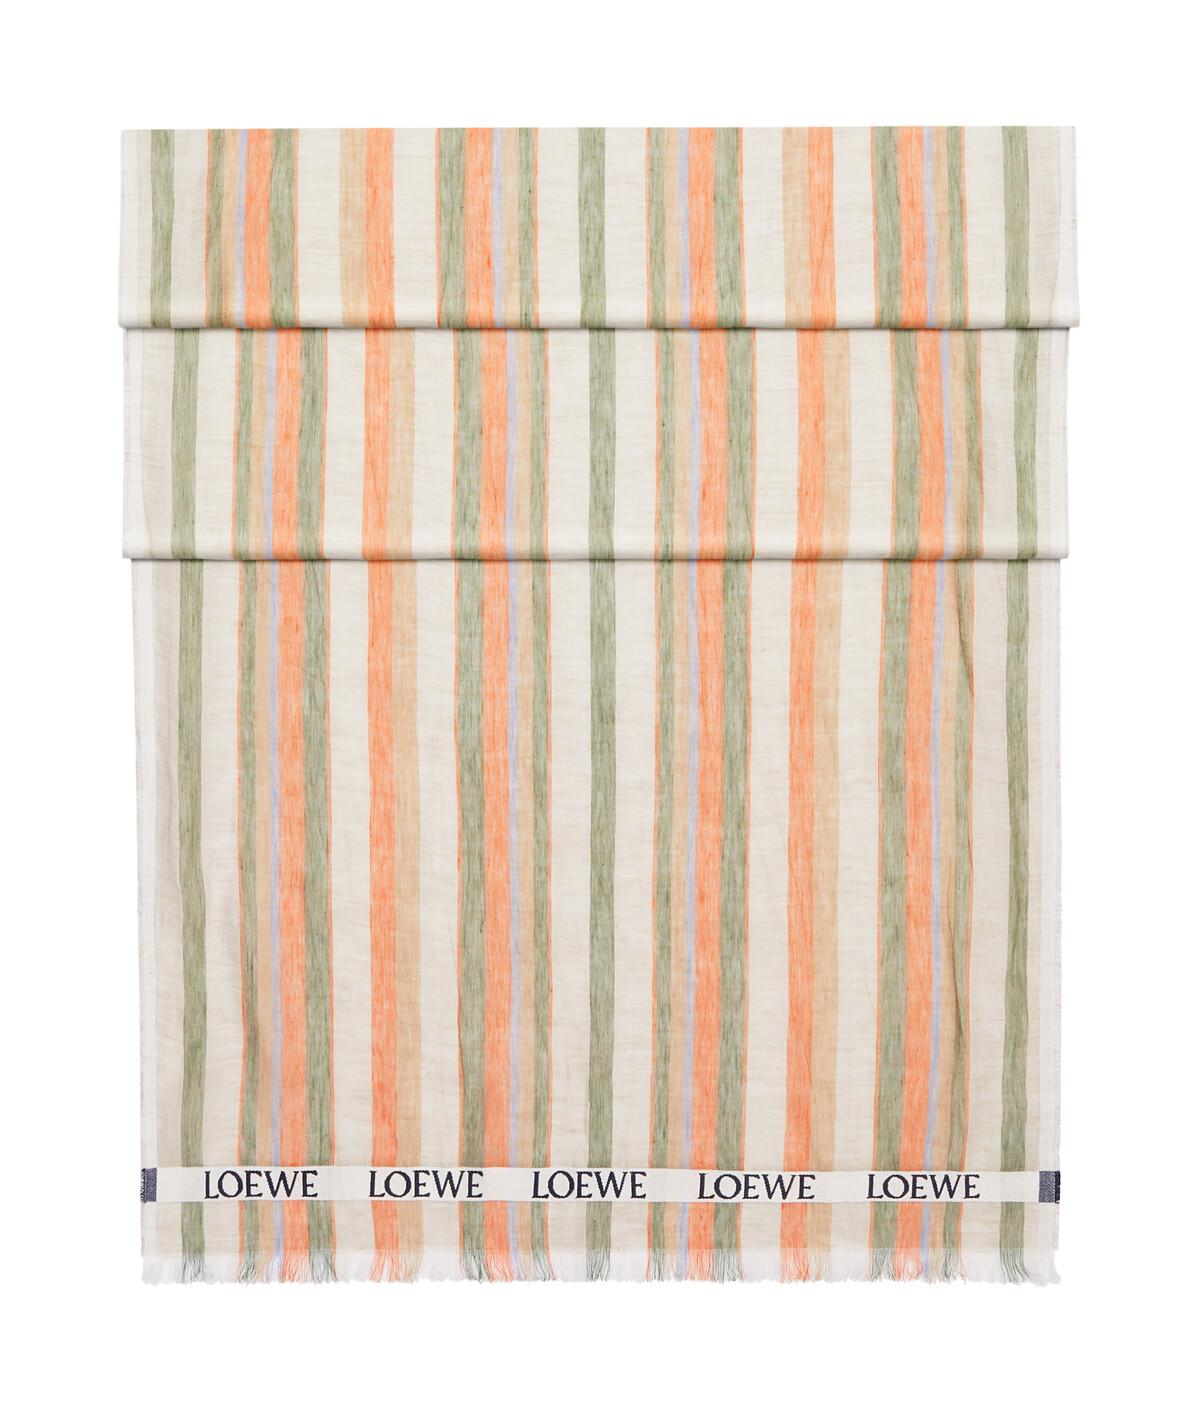 LOEWE 70X210 Scarf Loewe Stripes Multicolor/Orange front